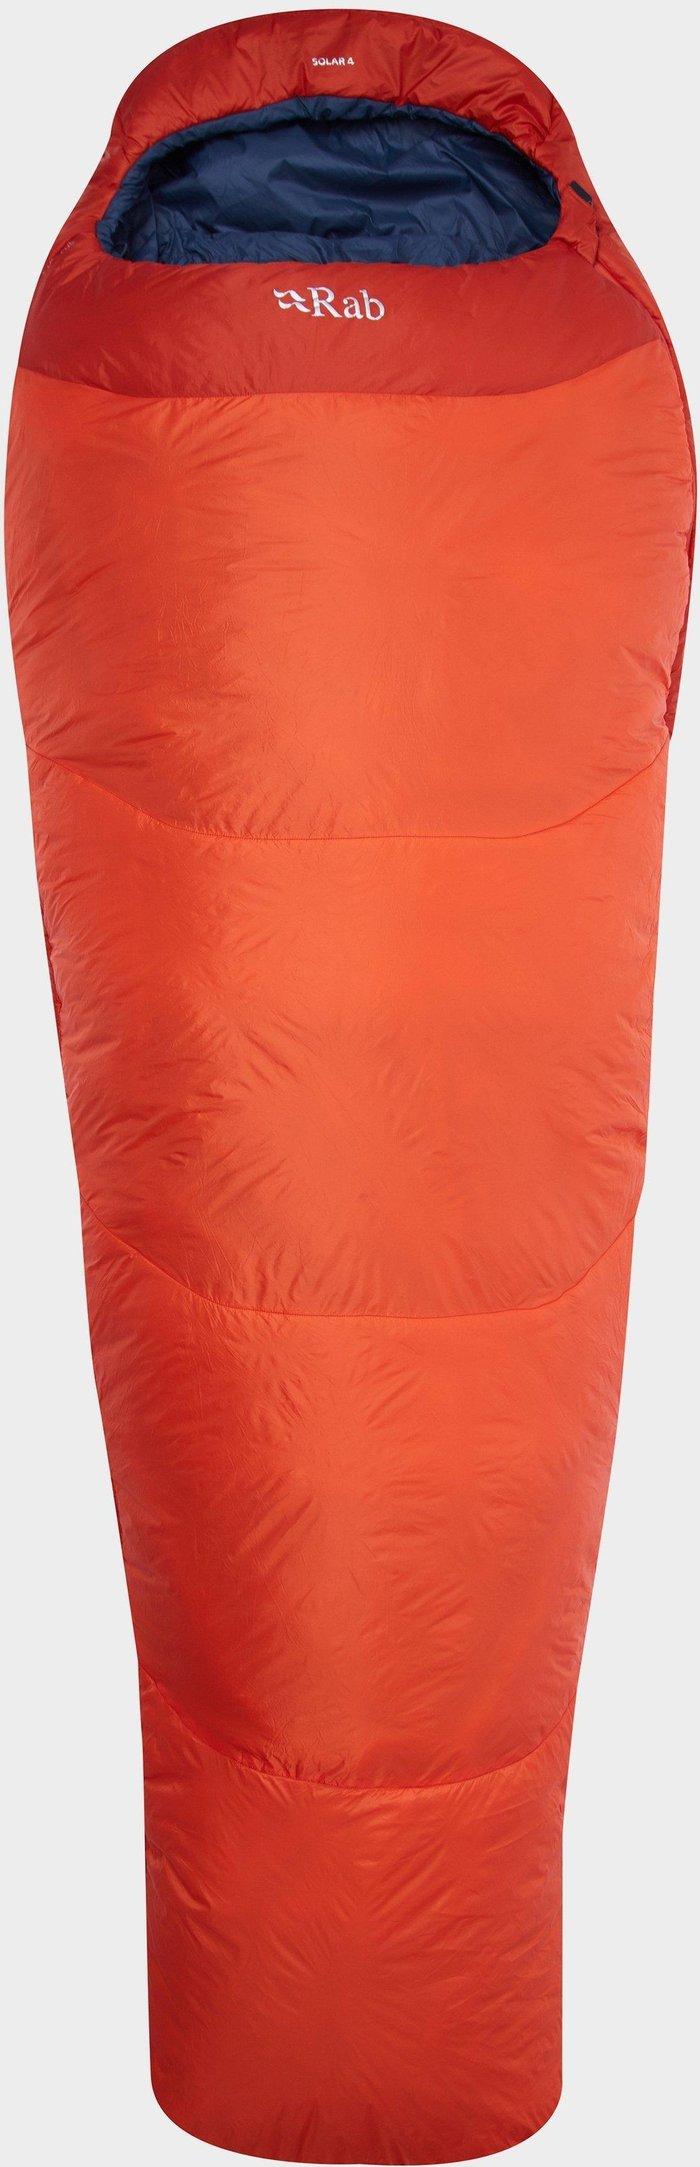 Rab Solar 4 XL Sleeping Bag, Orange/ORG